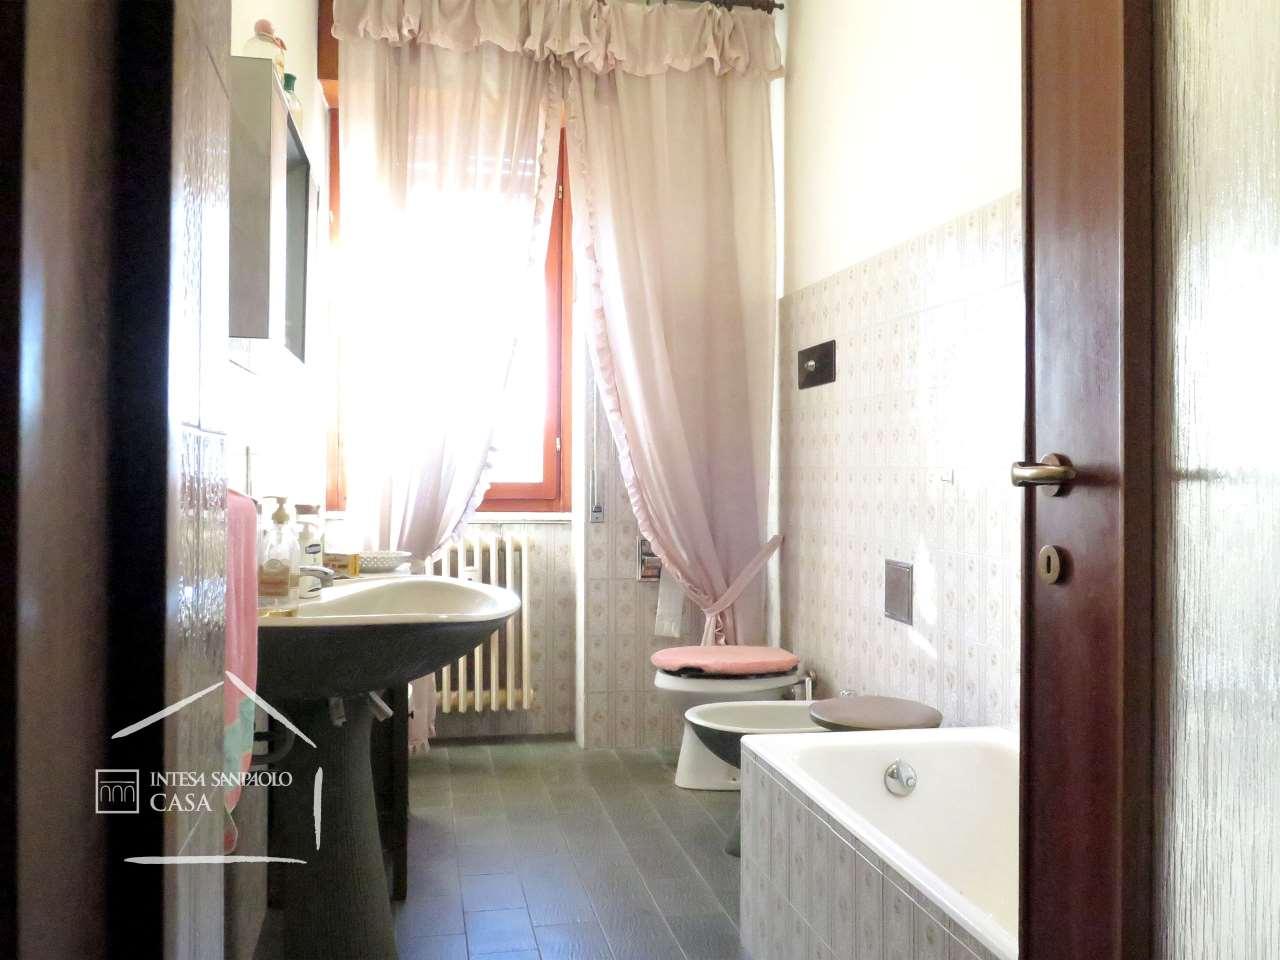 Casa indipendente in Vendita a Veduggio Con Colzano: 5 locali, 208 mq - Foto 7